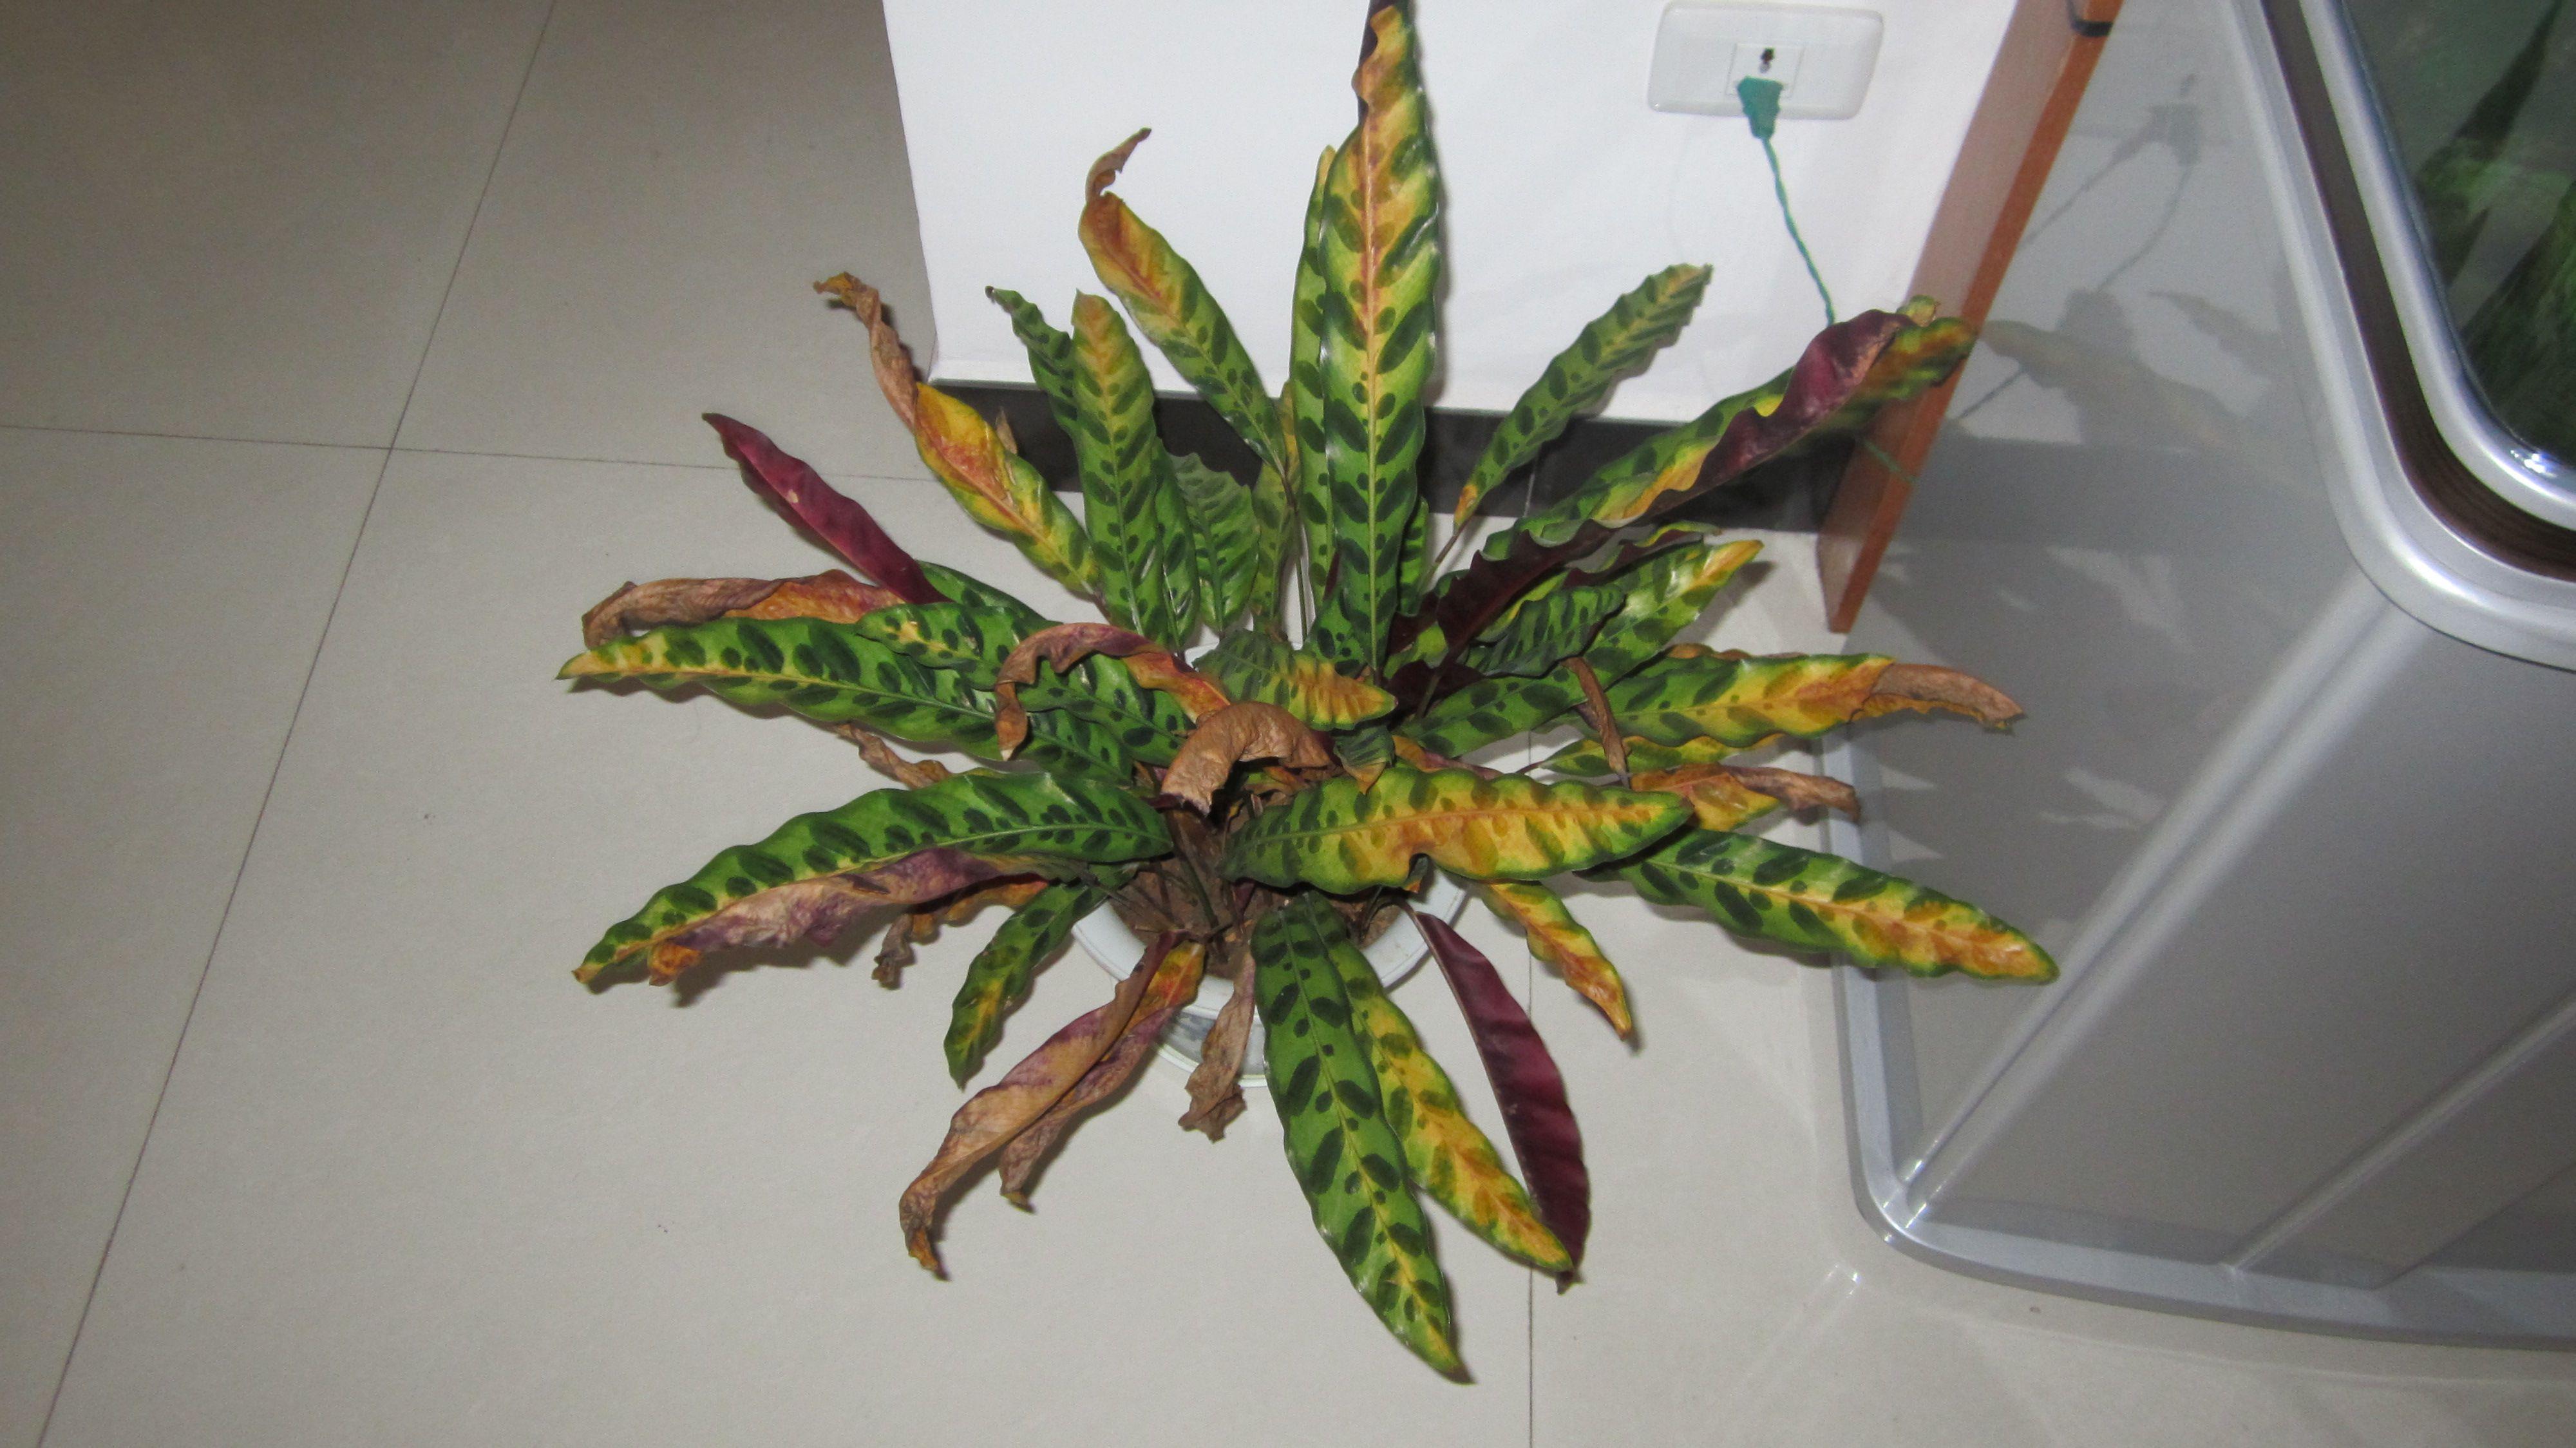 猫眼竹芋叶子发黄怎么办 原因及解决办法图片